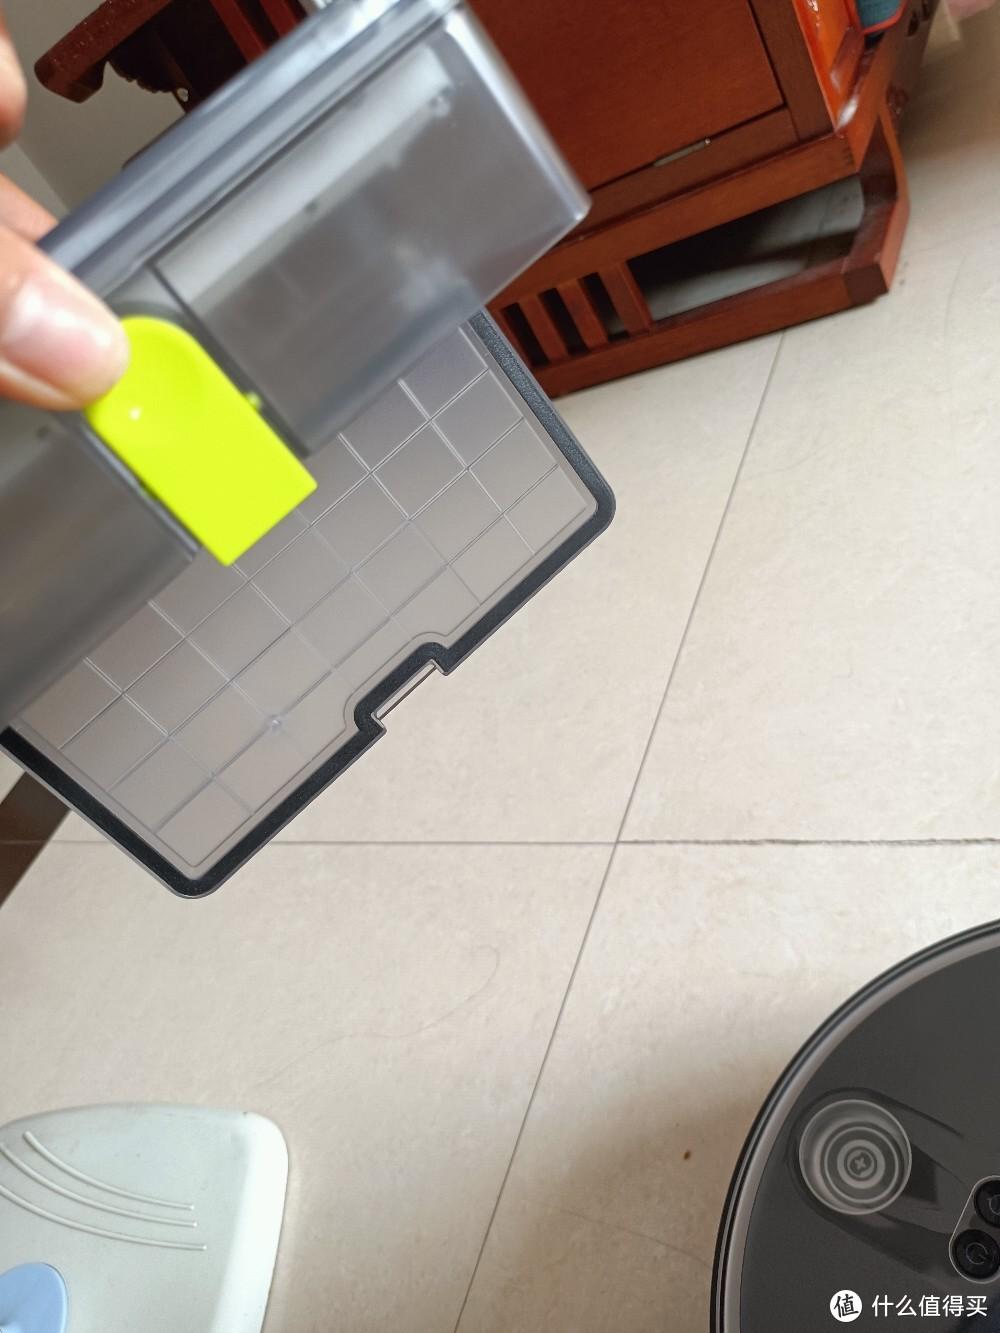 尘盒,这个可以单手打开,清理比较方便,好评 比起x95需要两个手用力扣开这个使用体验就好太多了